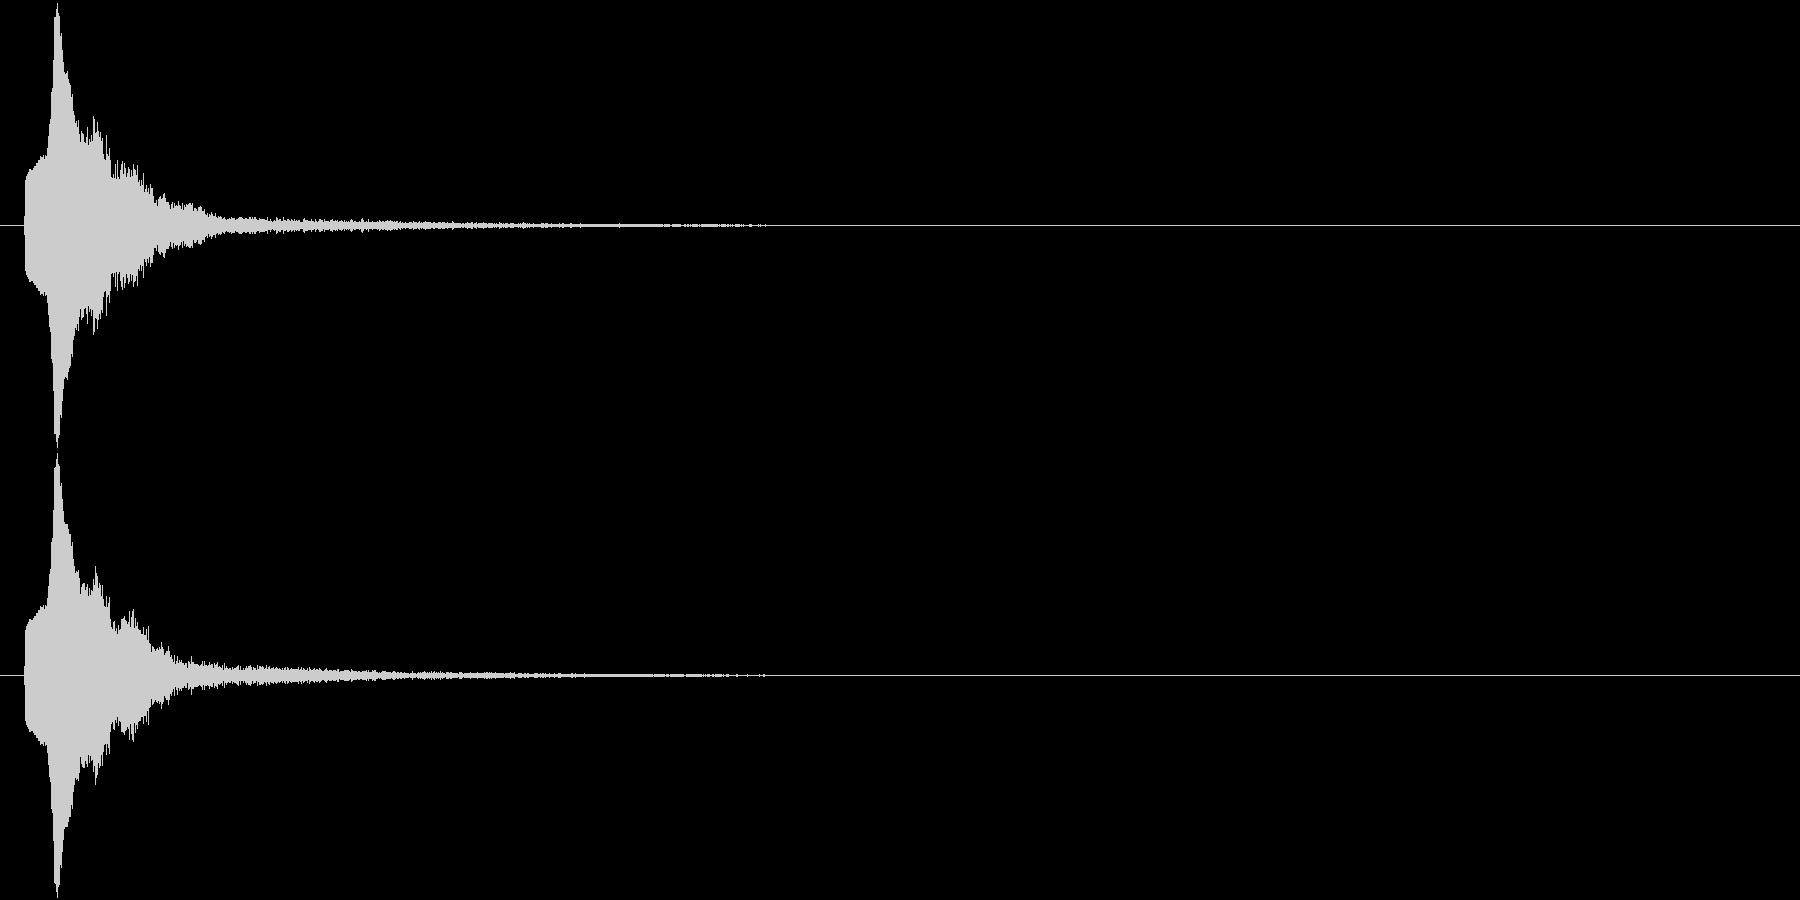 ポップアップ スライドイン 明るめSEの未再生の波形